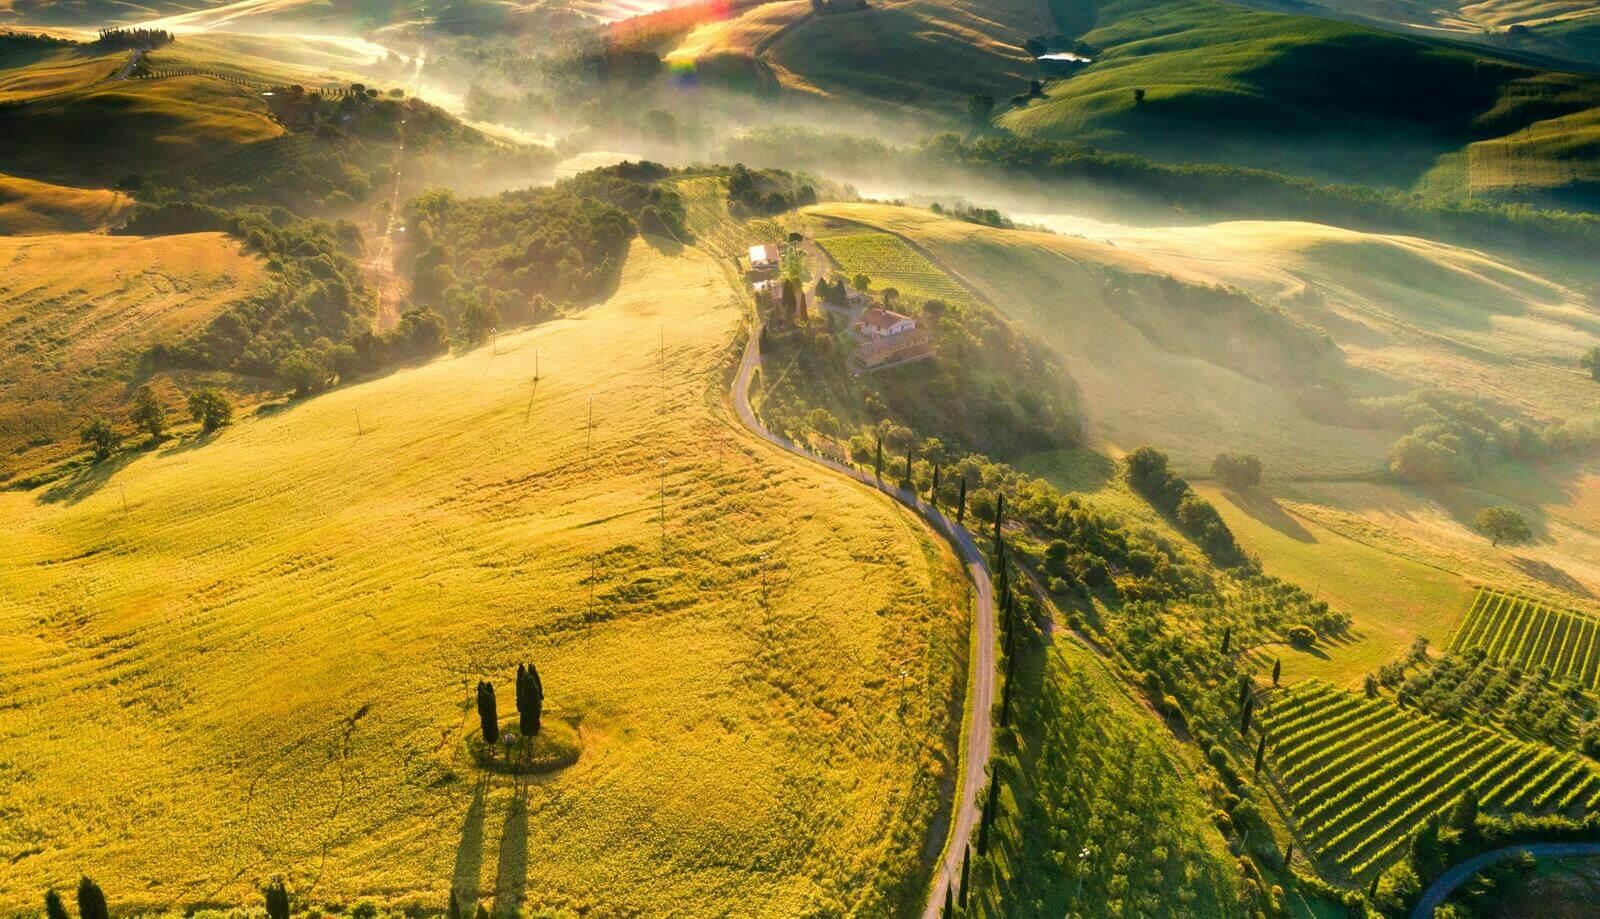 krajobraz toskanii z lotu ptaka